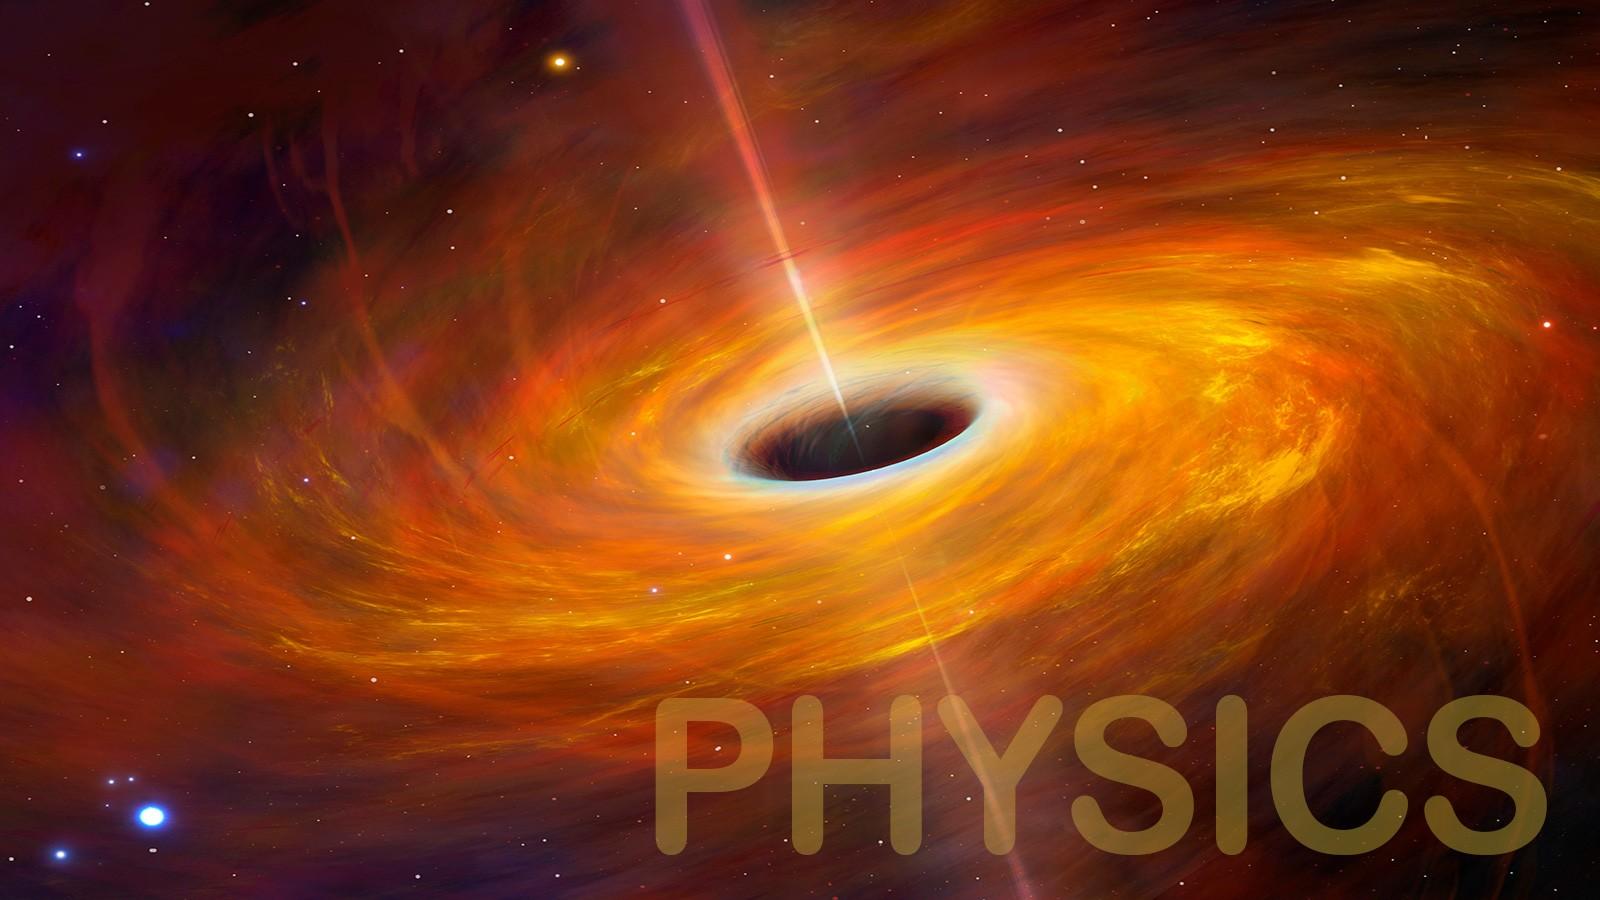 black hole example of physics